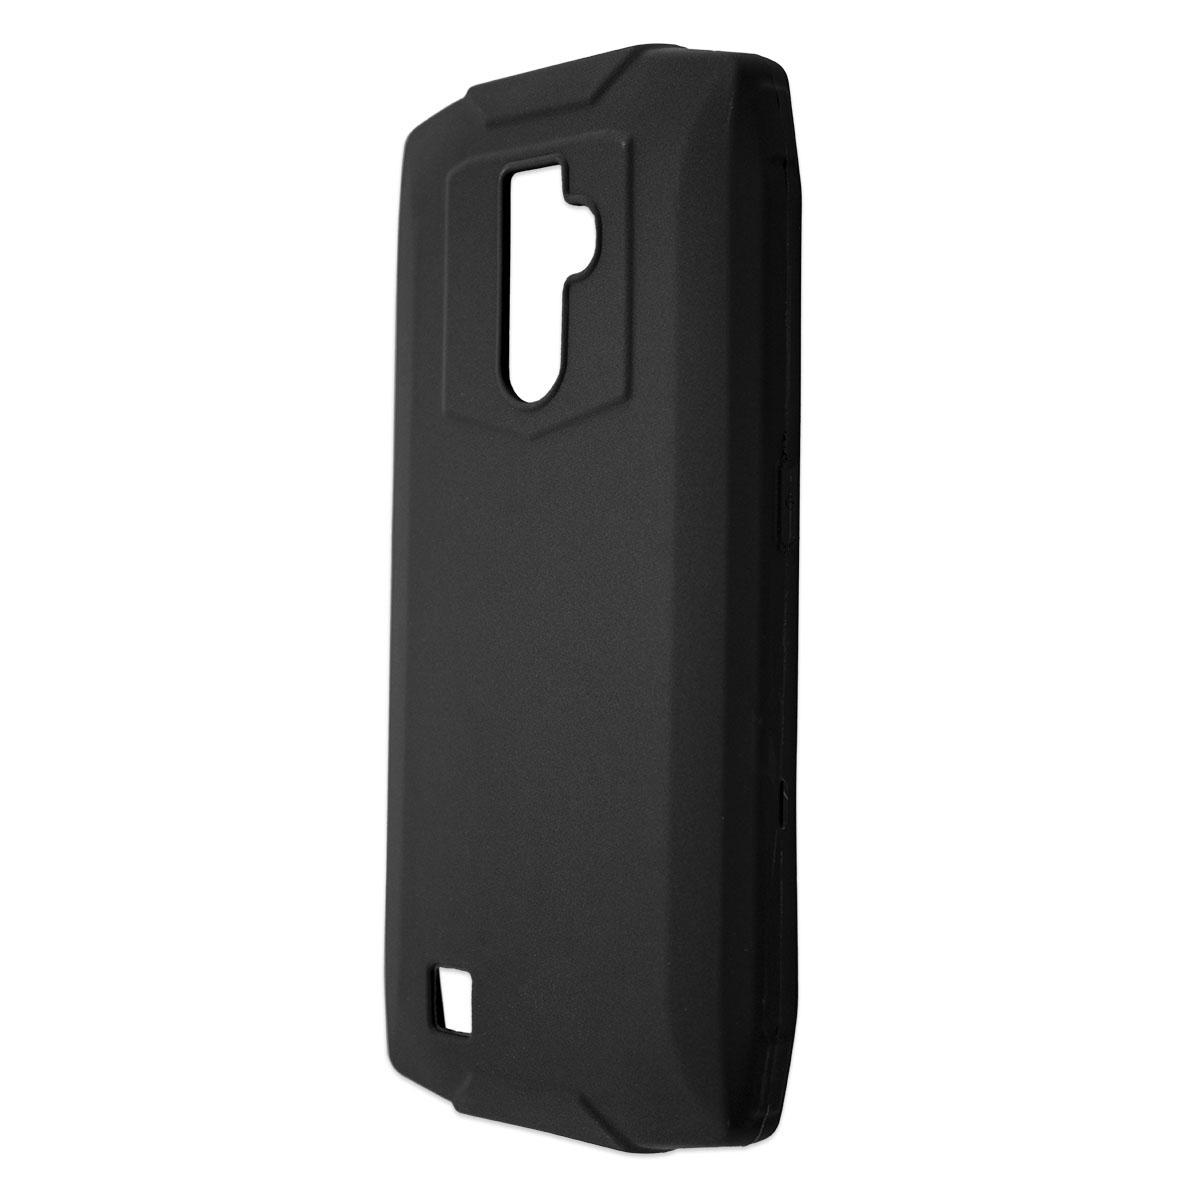 Caseroxx-TPU-Case-pour-Blackview-BV6800-BV6800-Pro-fait-de-TPU miniature 7